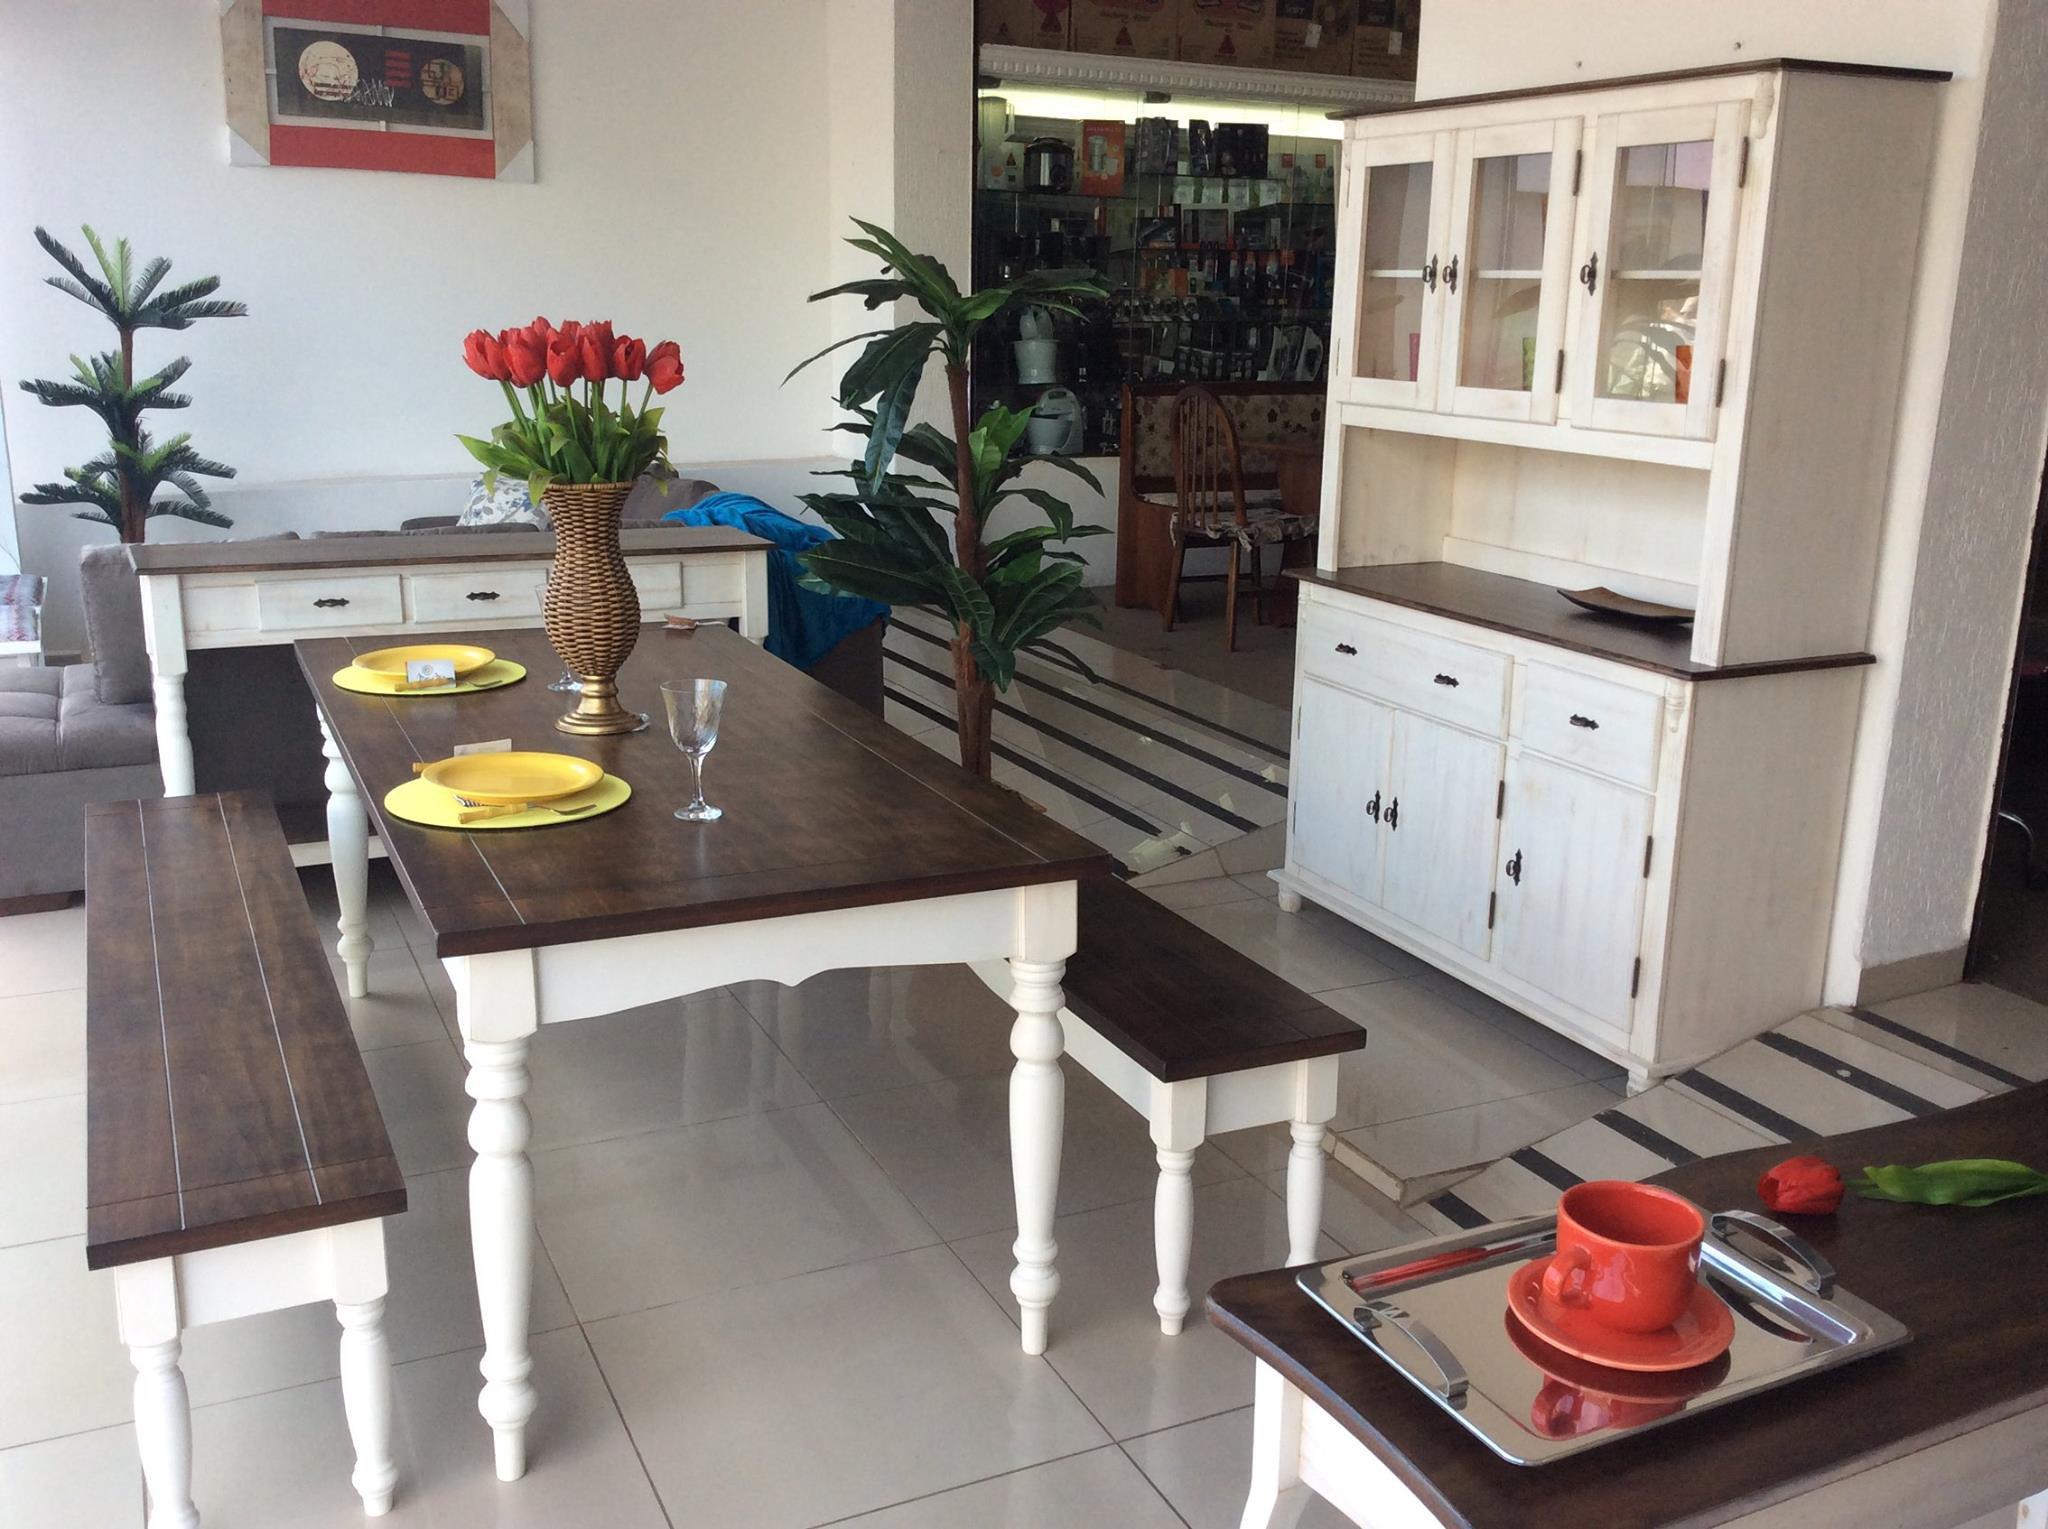 Cozinha Completa Em Madeira Leia A Descri O E Monte Sua Decora O